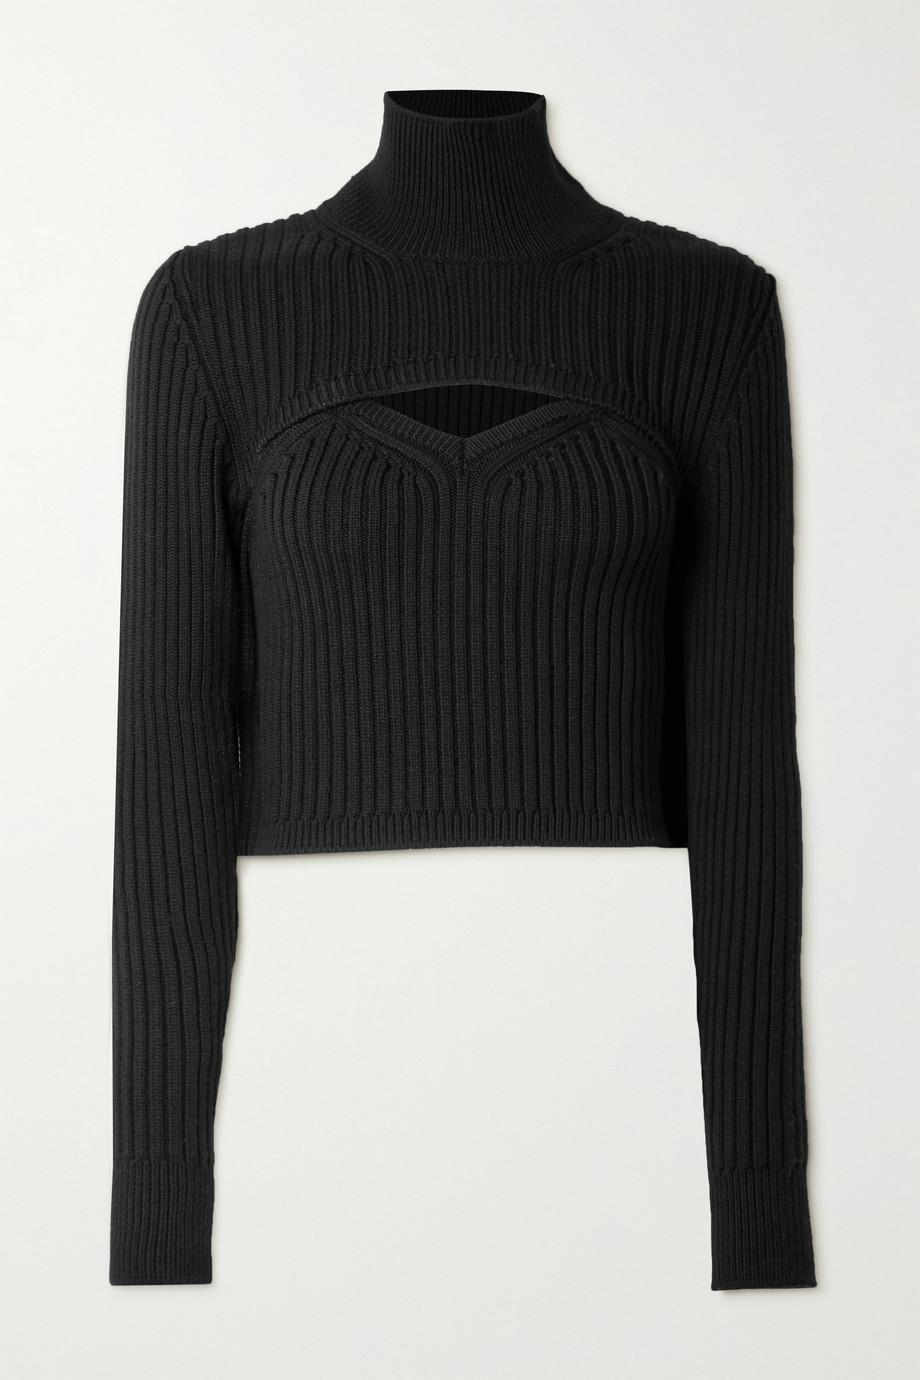 Rosie Assoulin Thousand in One Ways wandelbarer, verkürzter Pullover aus gerippter Wolle mit Stehkragen